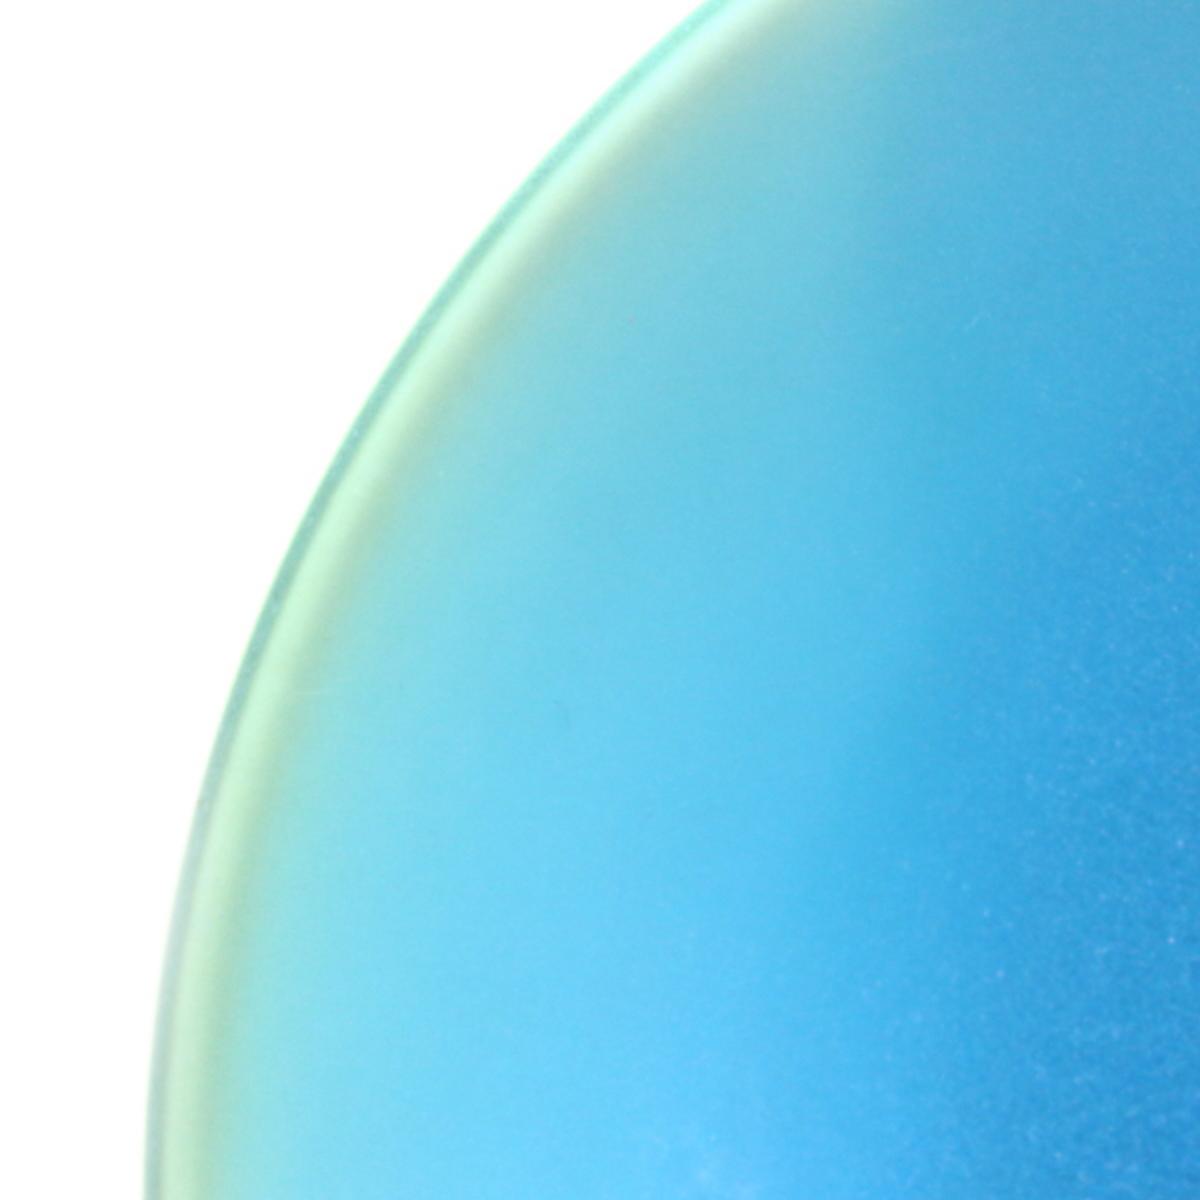 ボナペティ 5 プレート スターブルー 詳細画像3